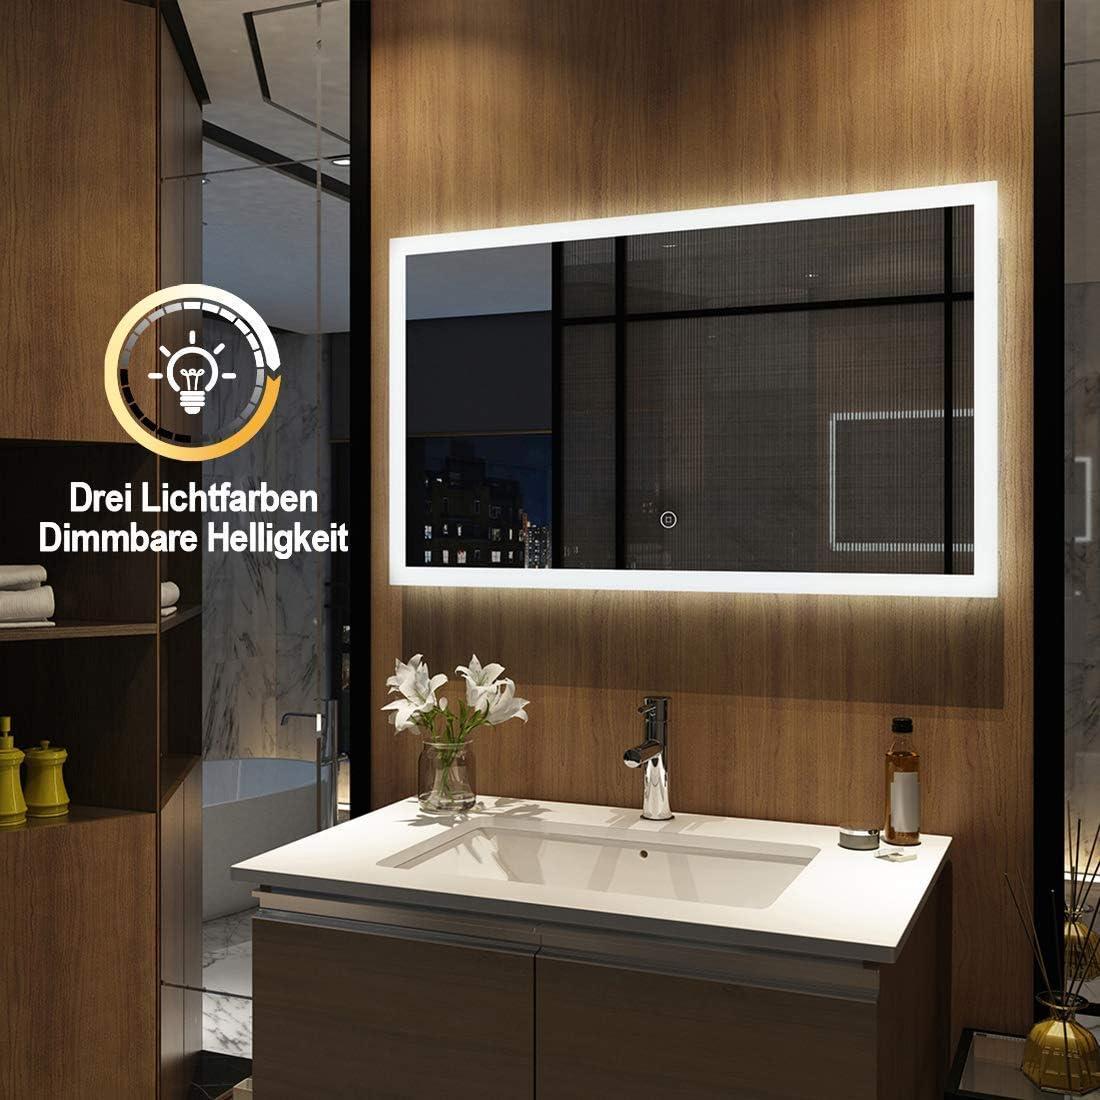 Espejo de pared para cuarto de ba/ño con iluminaci/ón LED armario de pared con m/últiples funciones 6400 K 3000 Meykoers